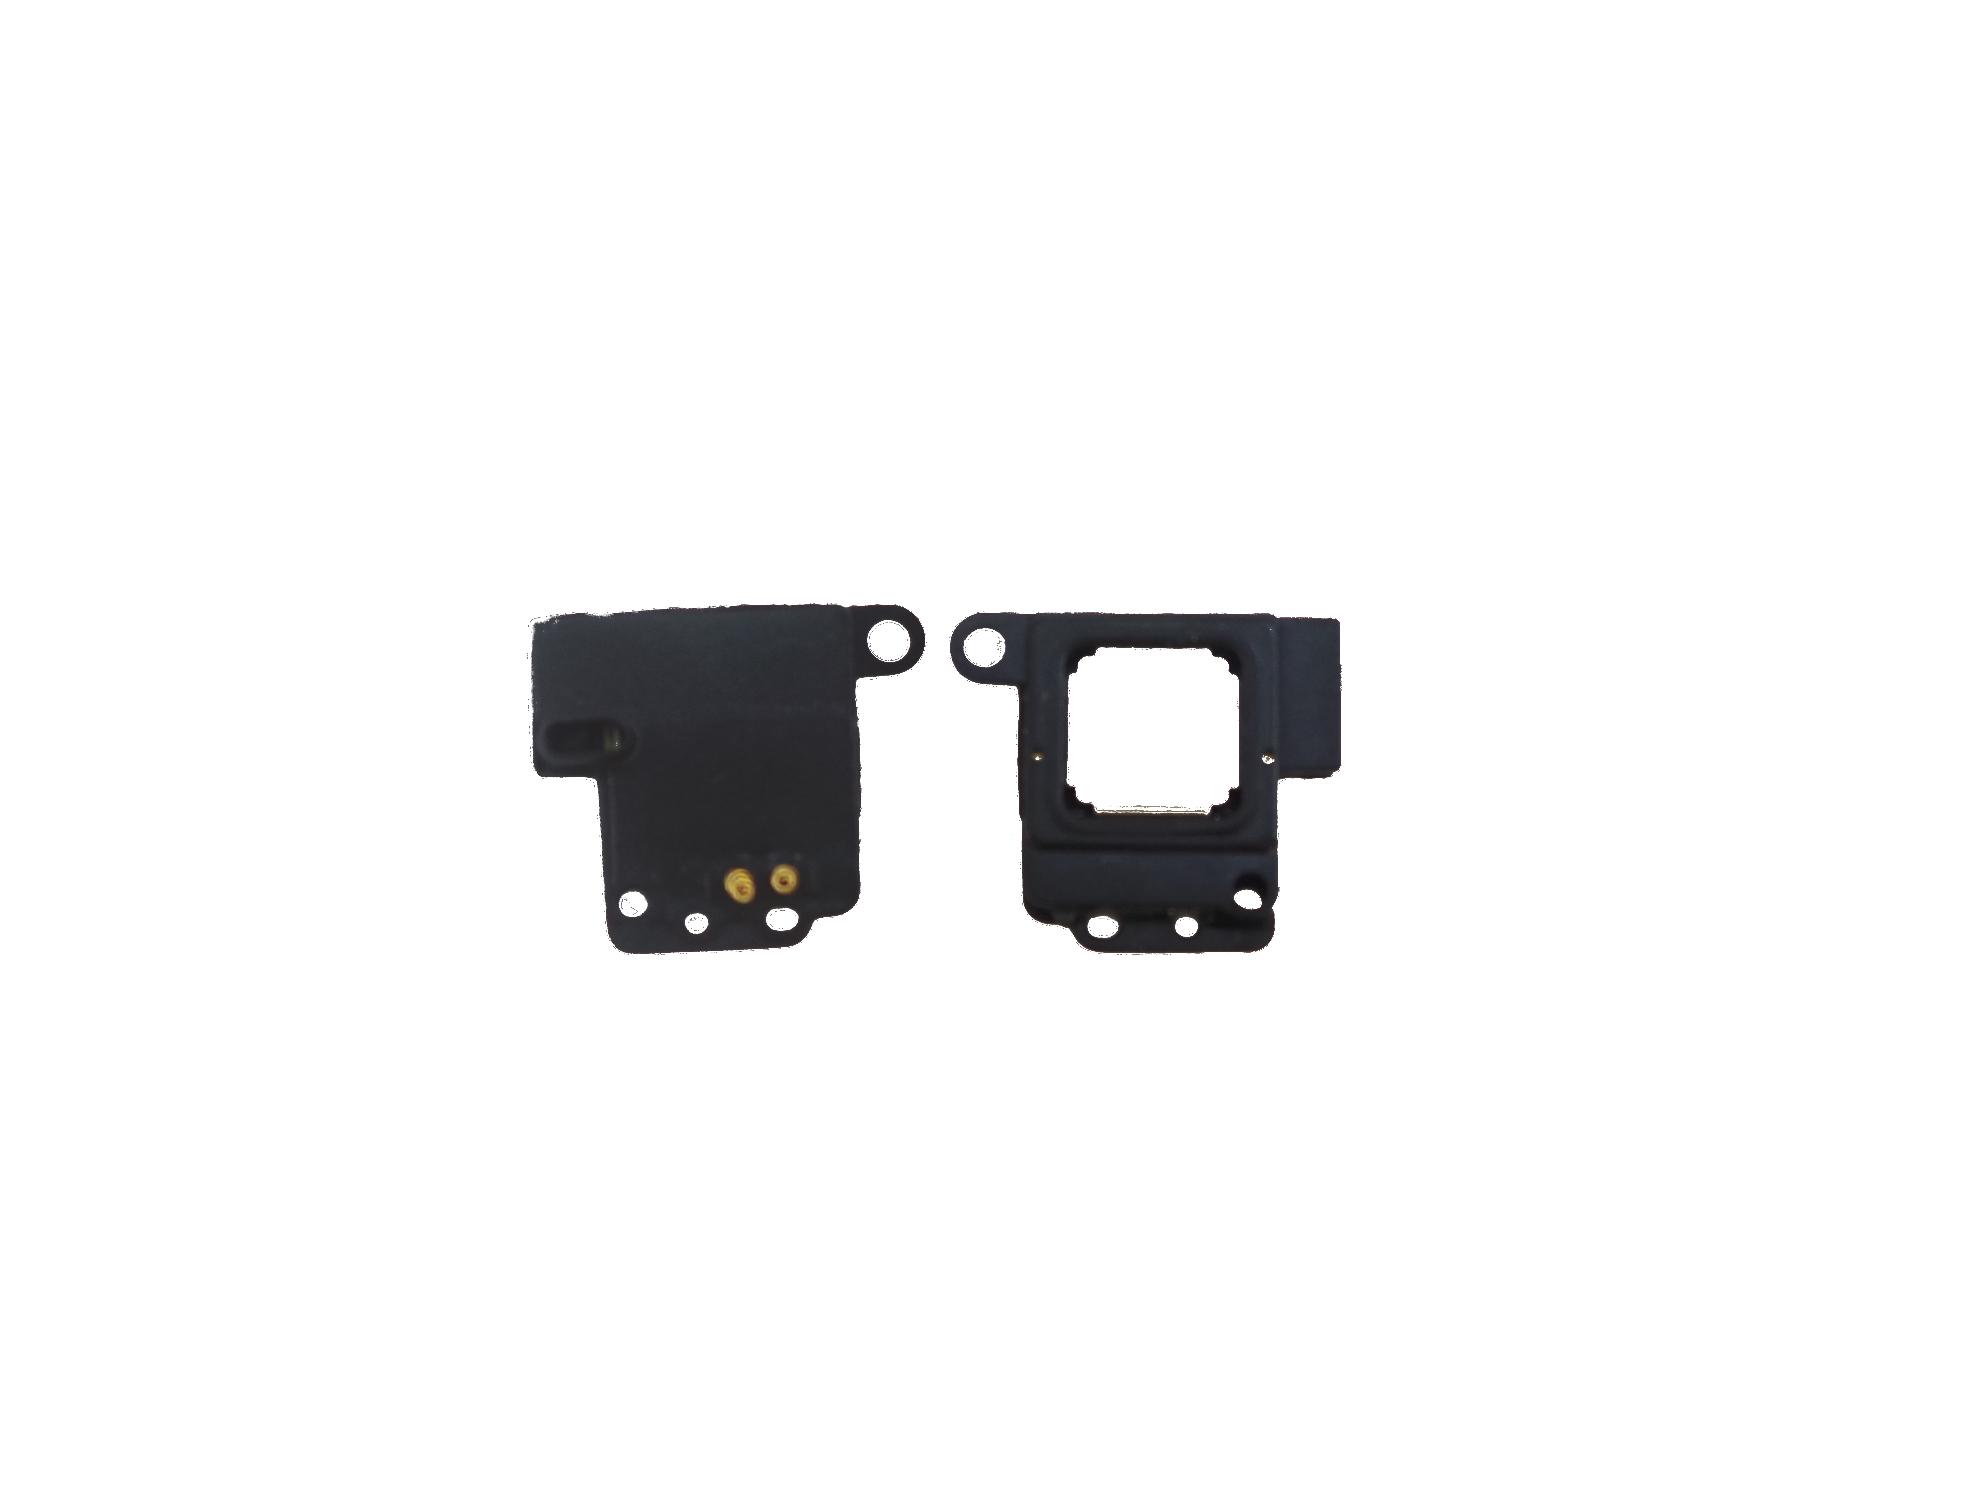 module ecouteur speaker earpiece de remplacement pour apple iphone 5c ebay. Black Bedroom Furniture Sets. Home Design Ideas